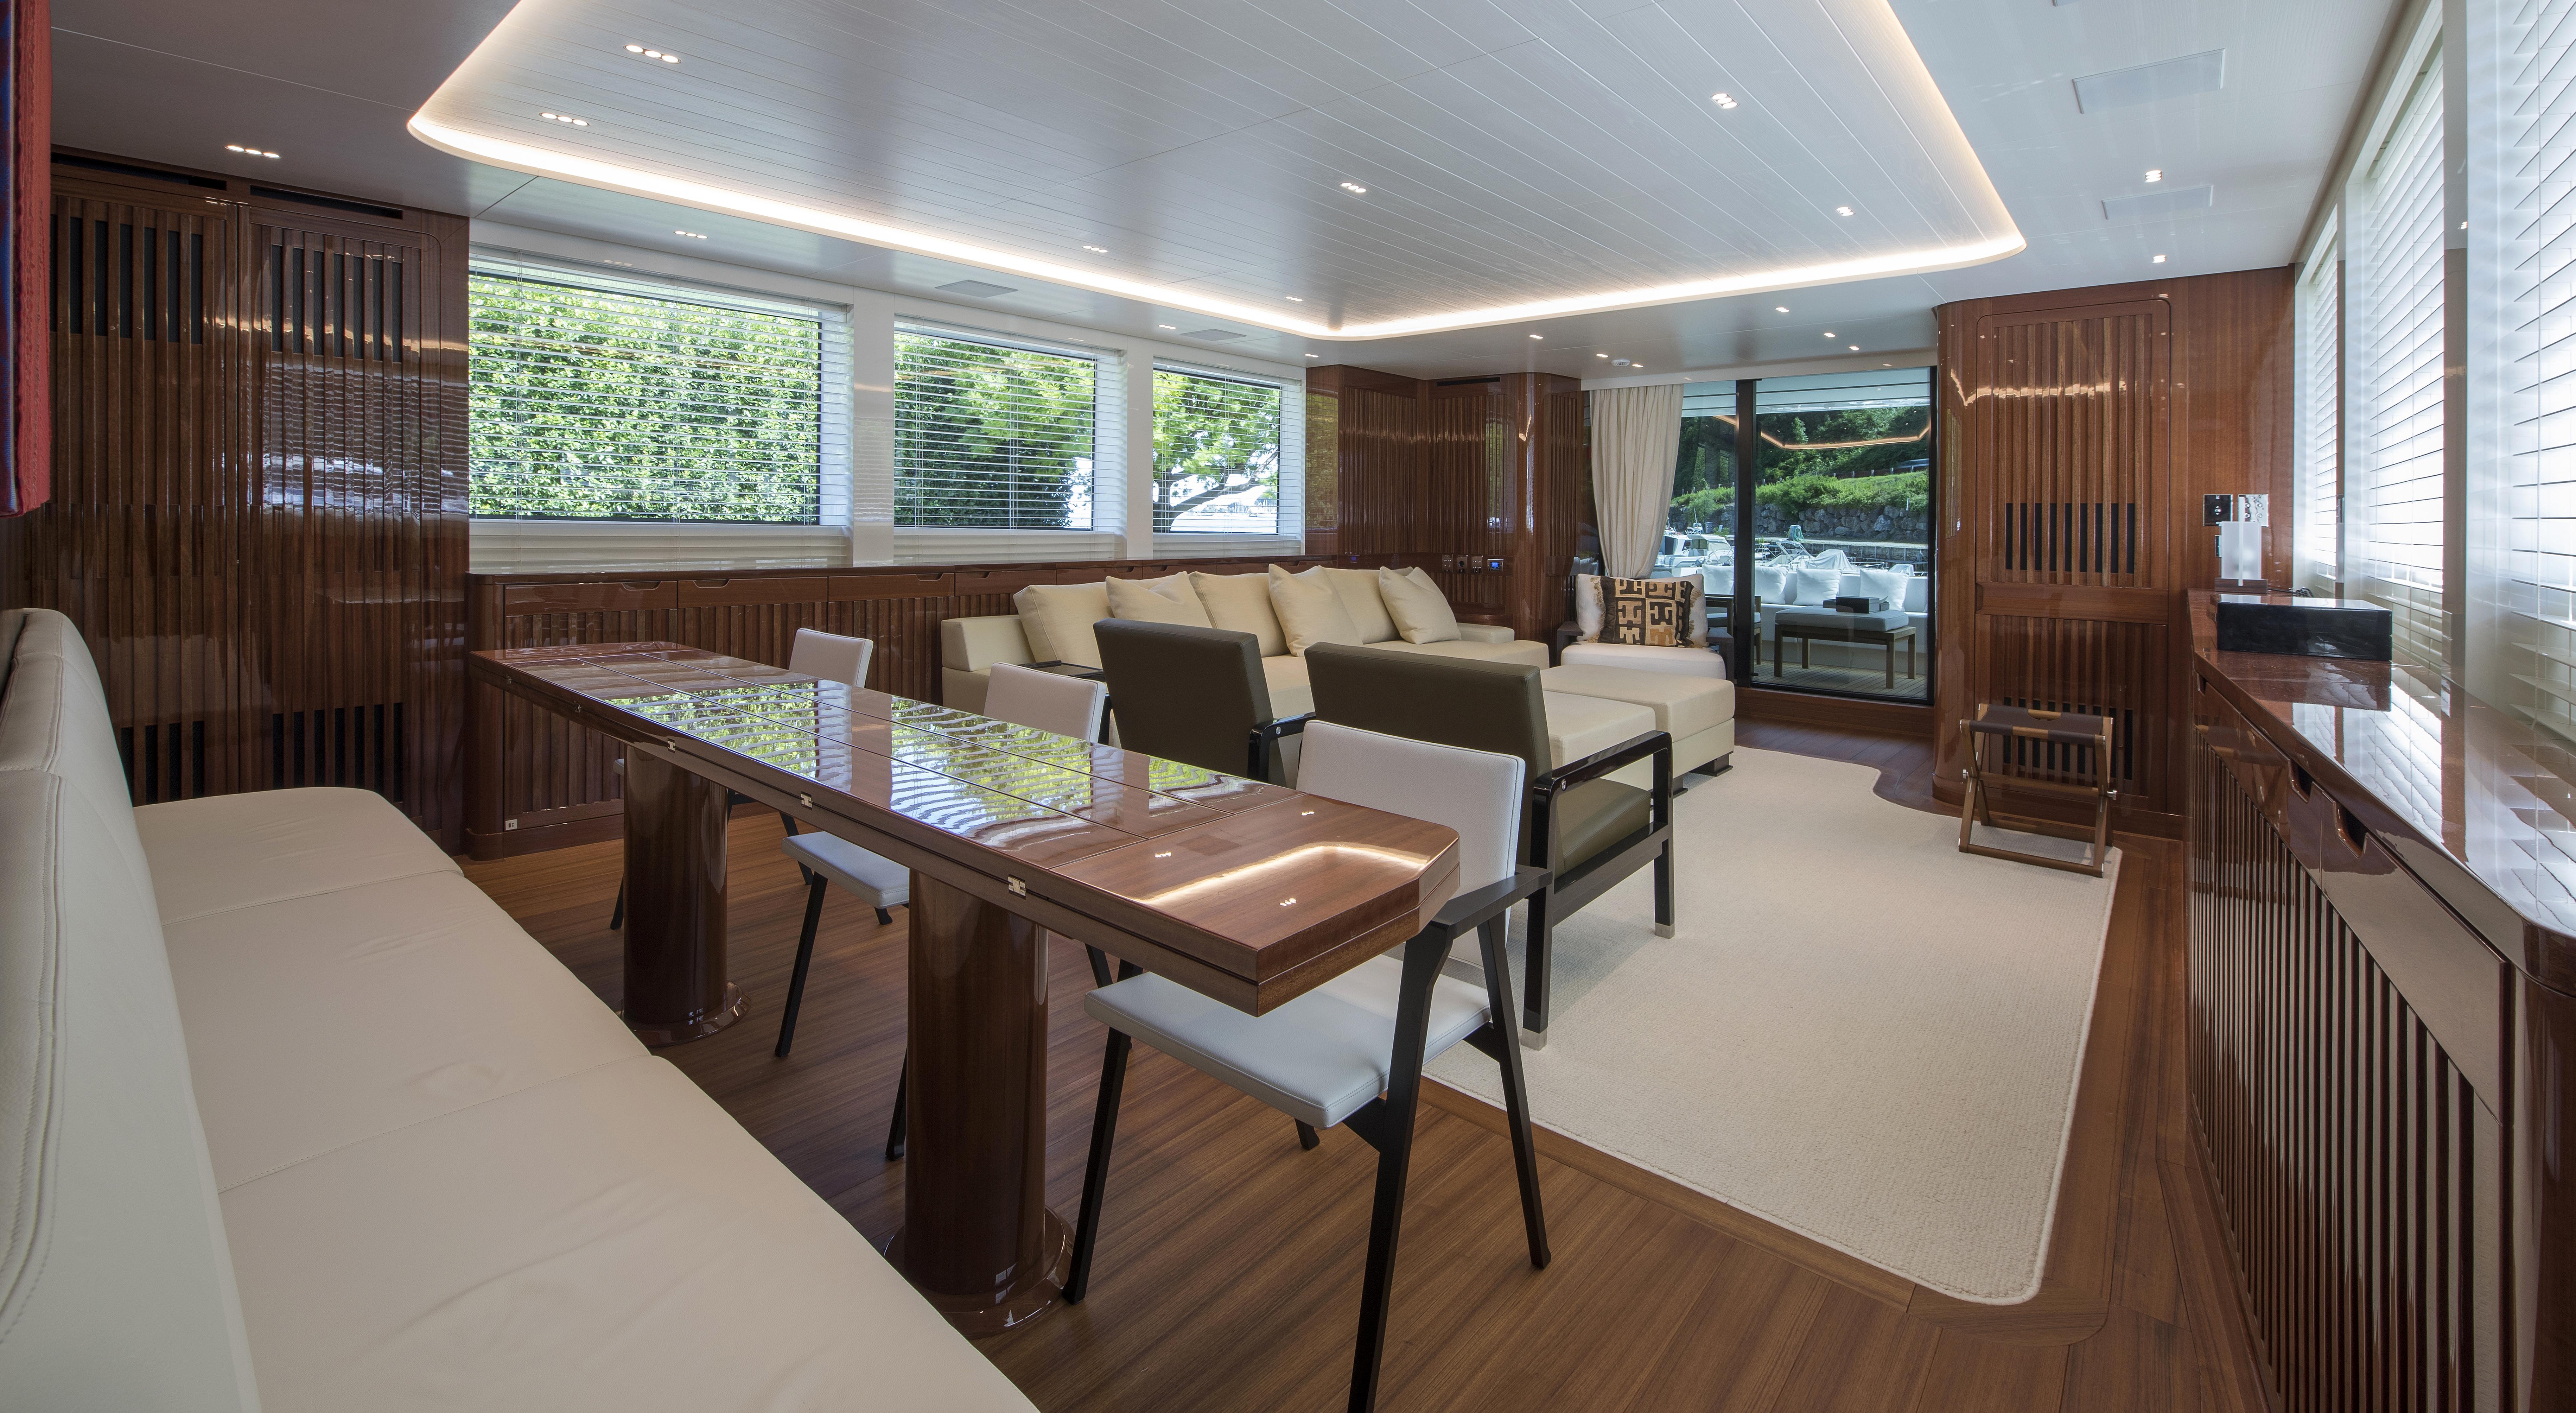 Interni della nuova barca SL 96 635 (courtesy: Cantieri Navali Sanlorenzo)